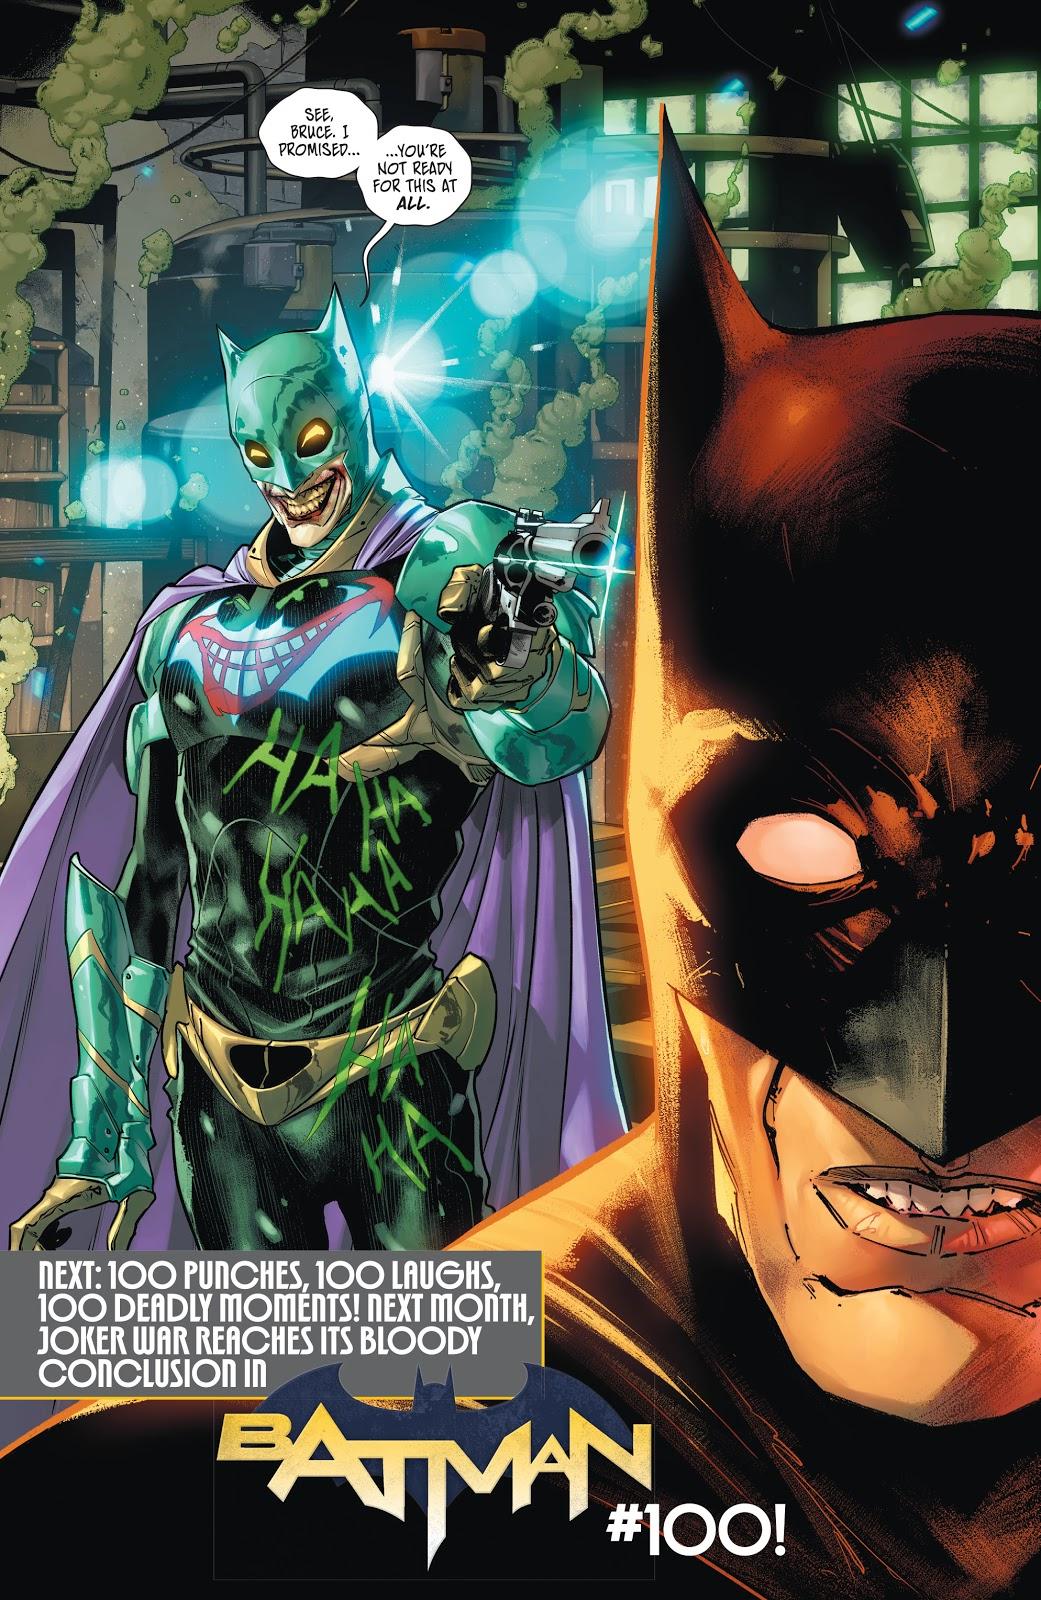 The Joker Wearing A Bat Suit